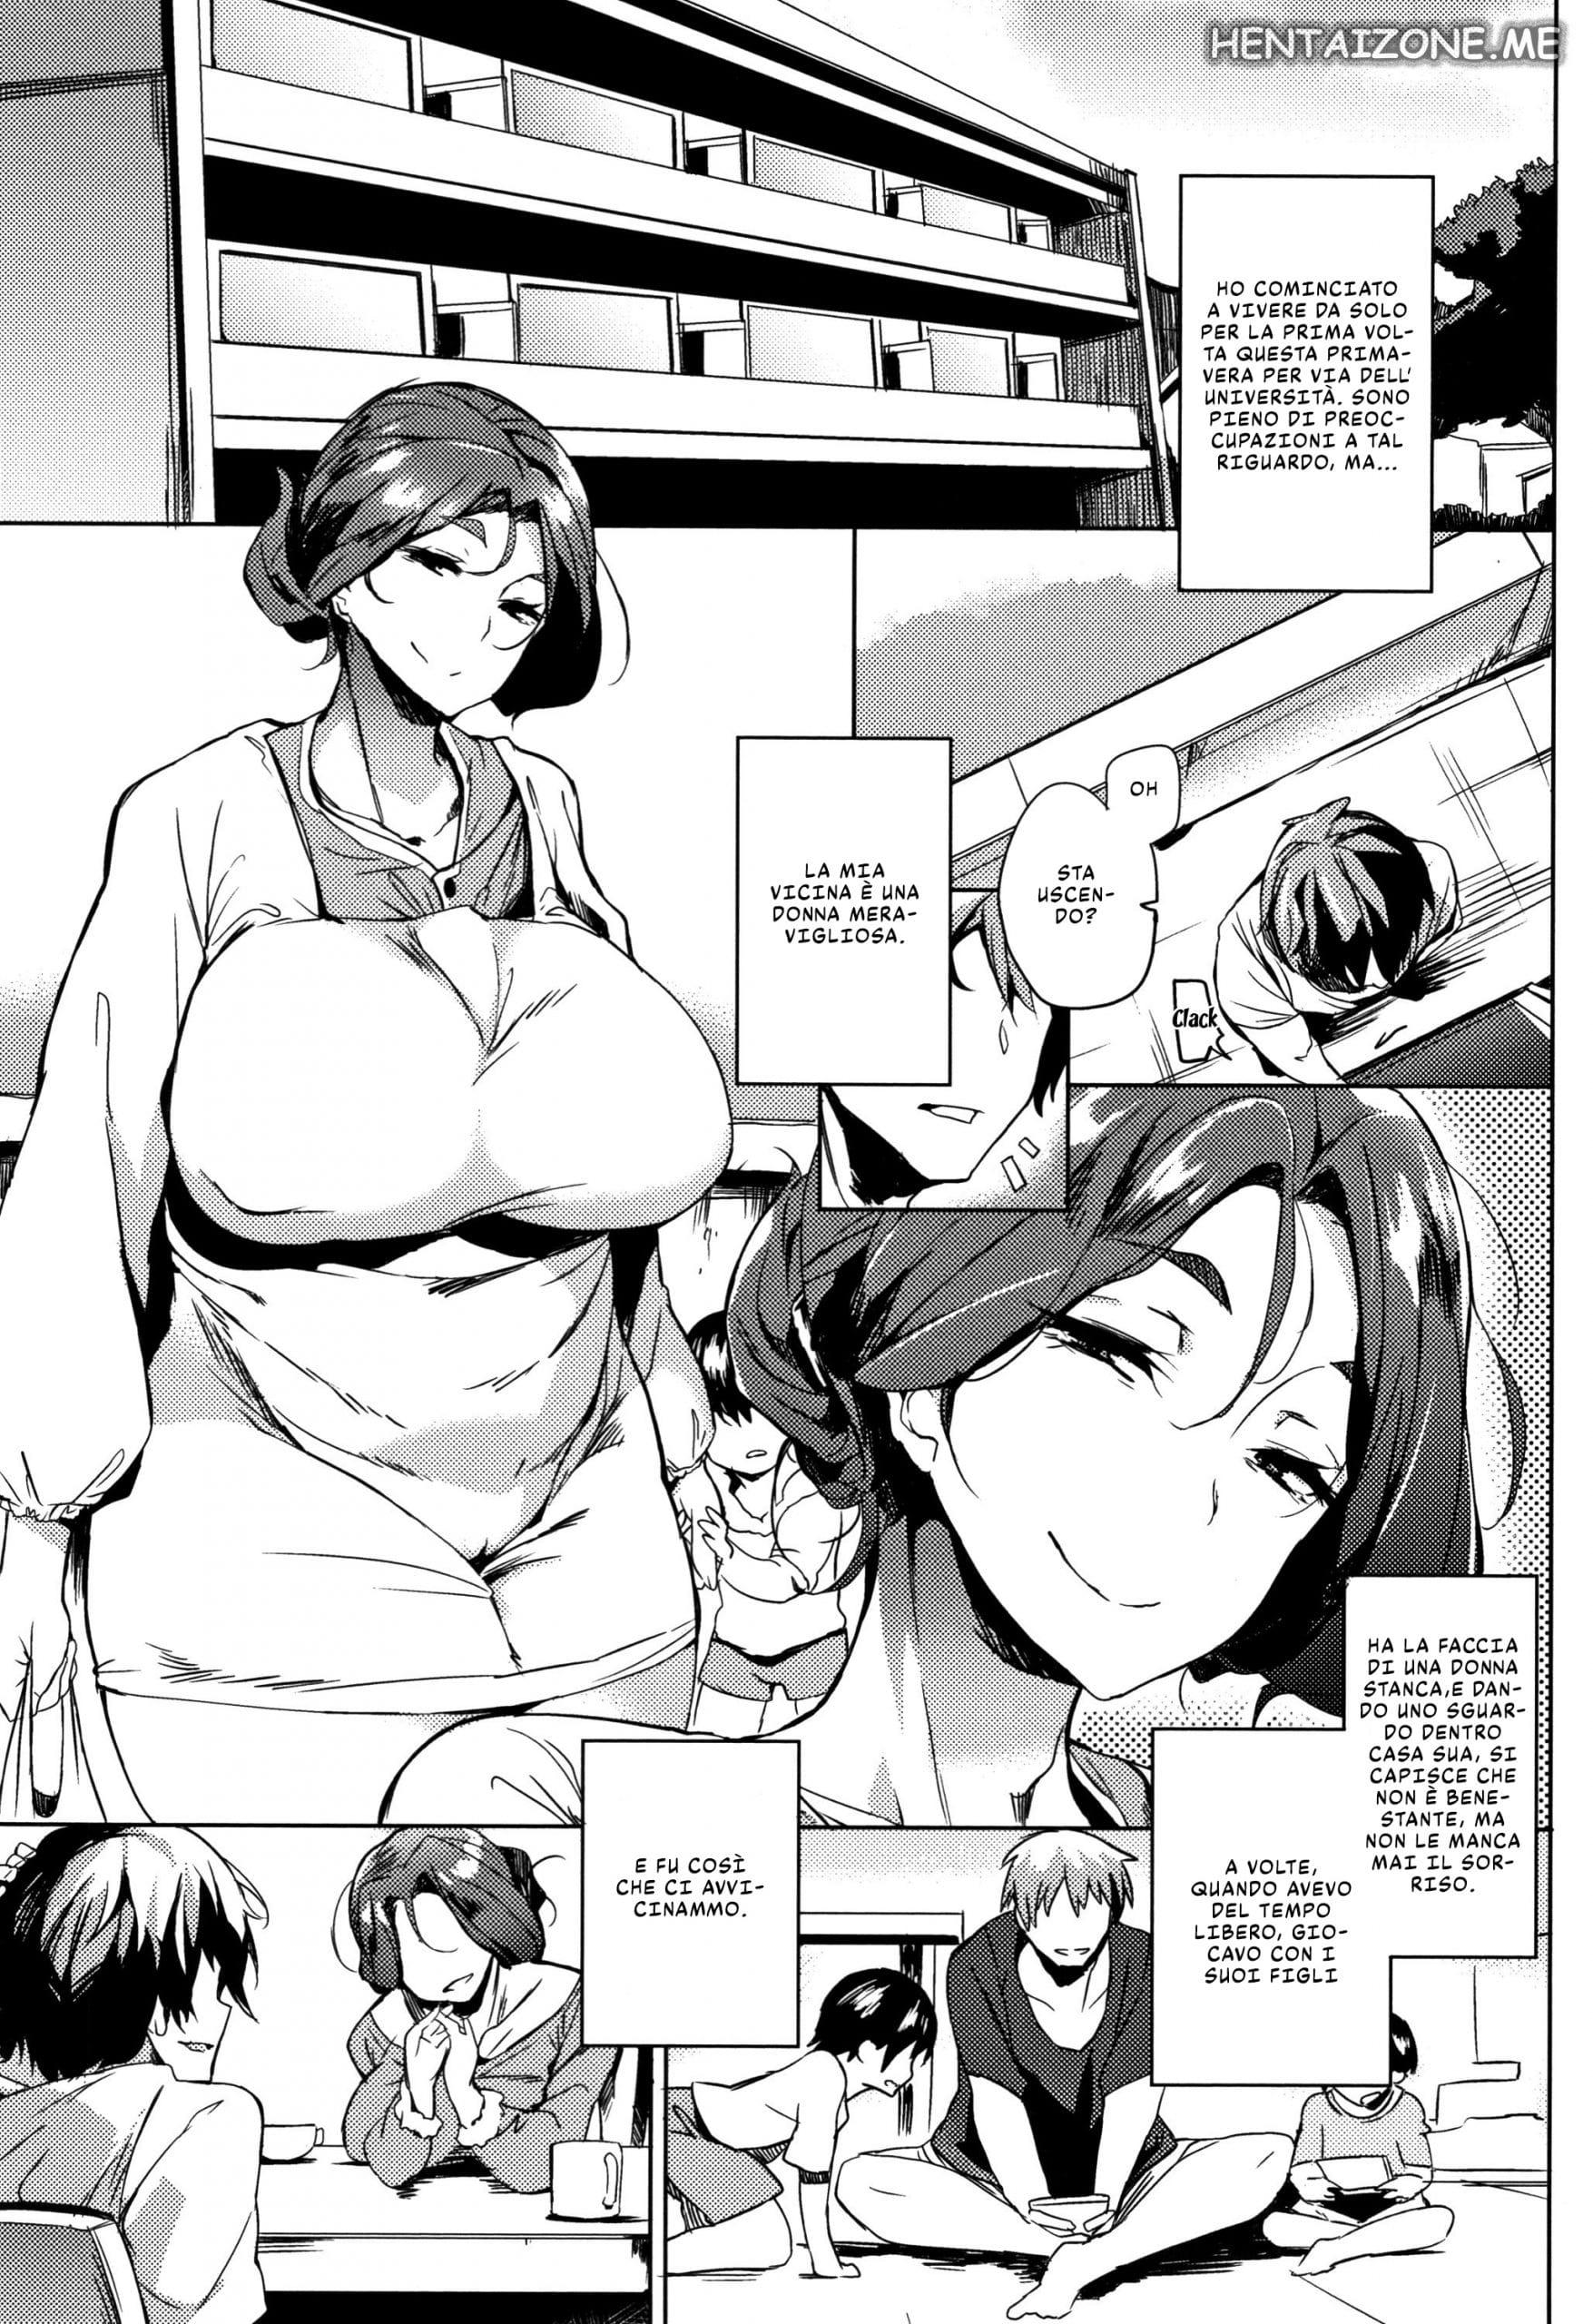 La sexy vicina ha due figli e nessun marito